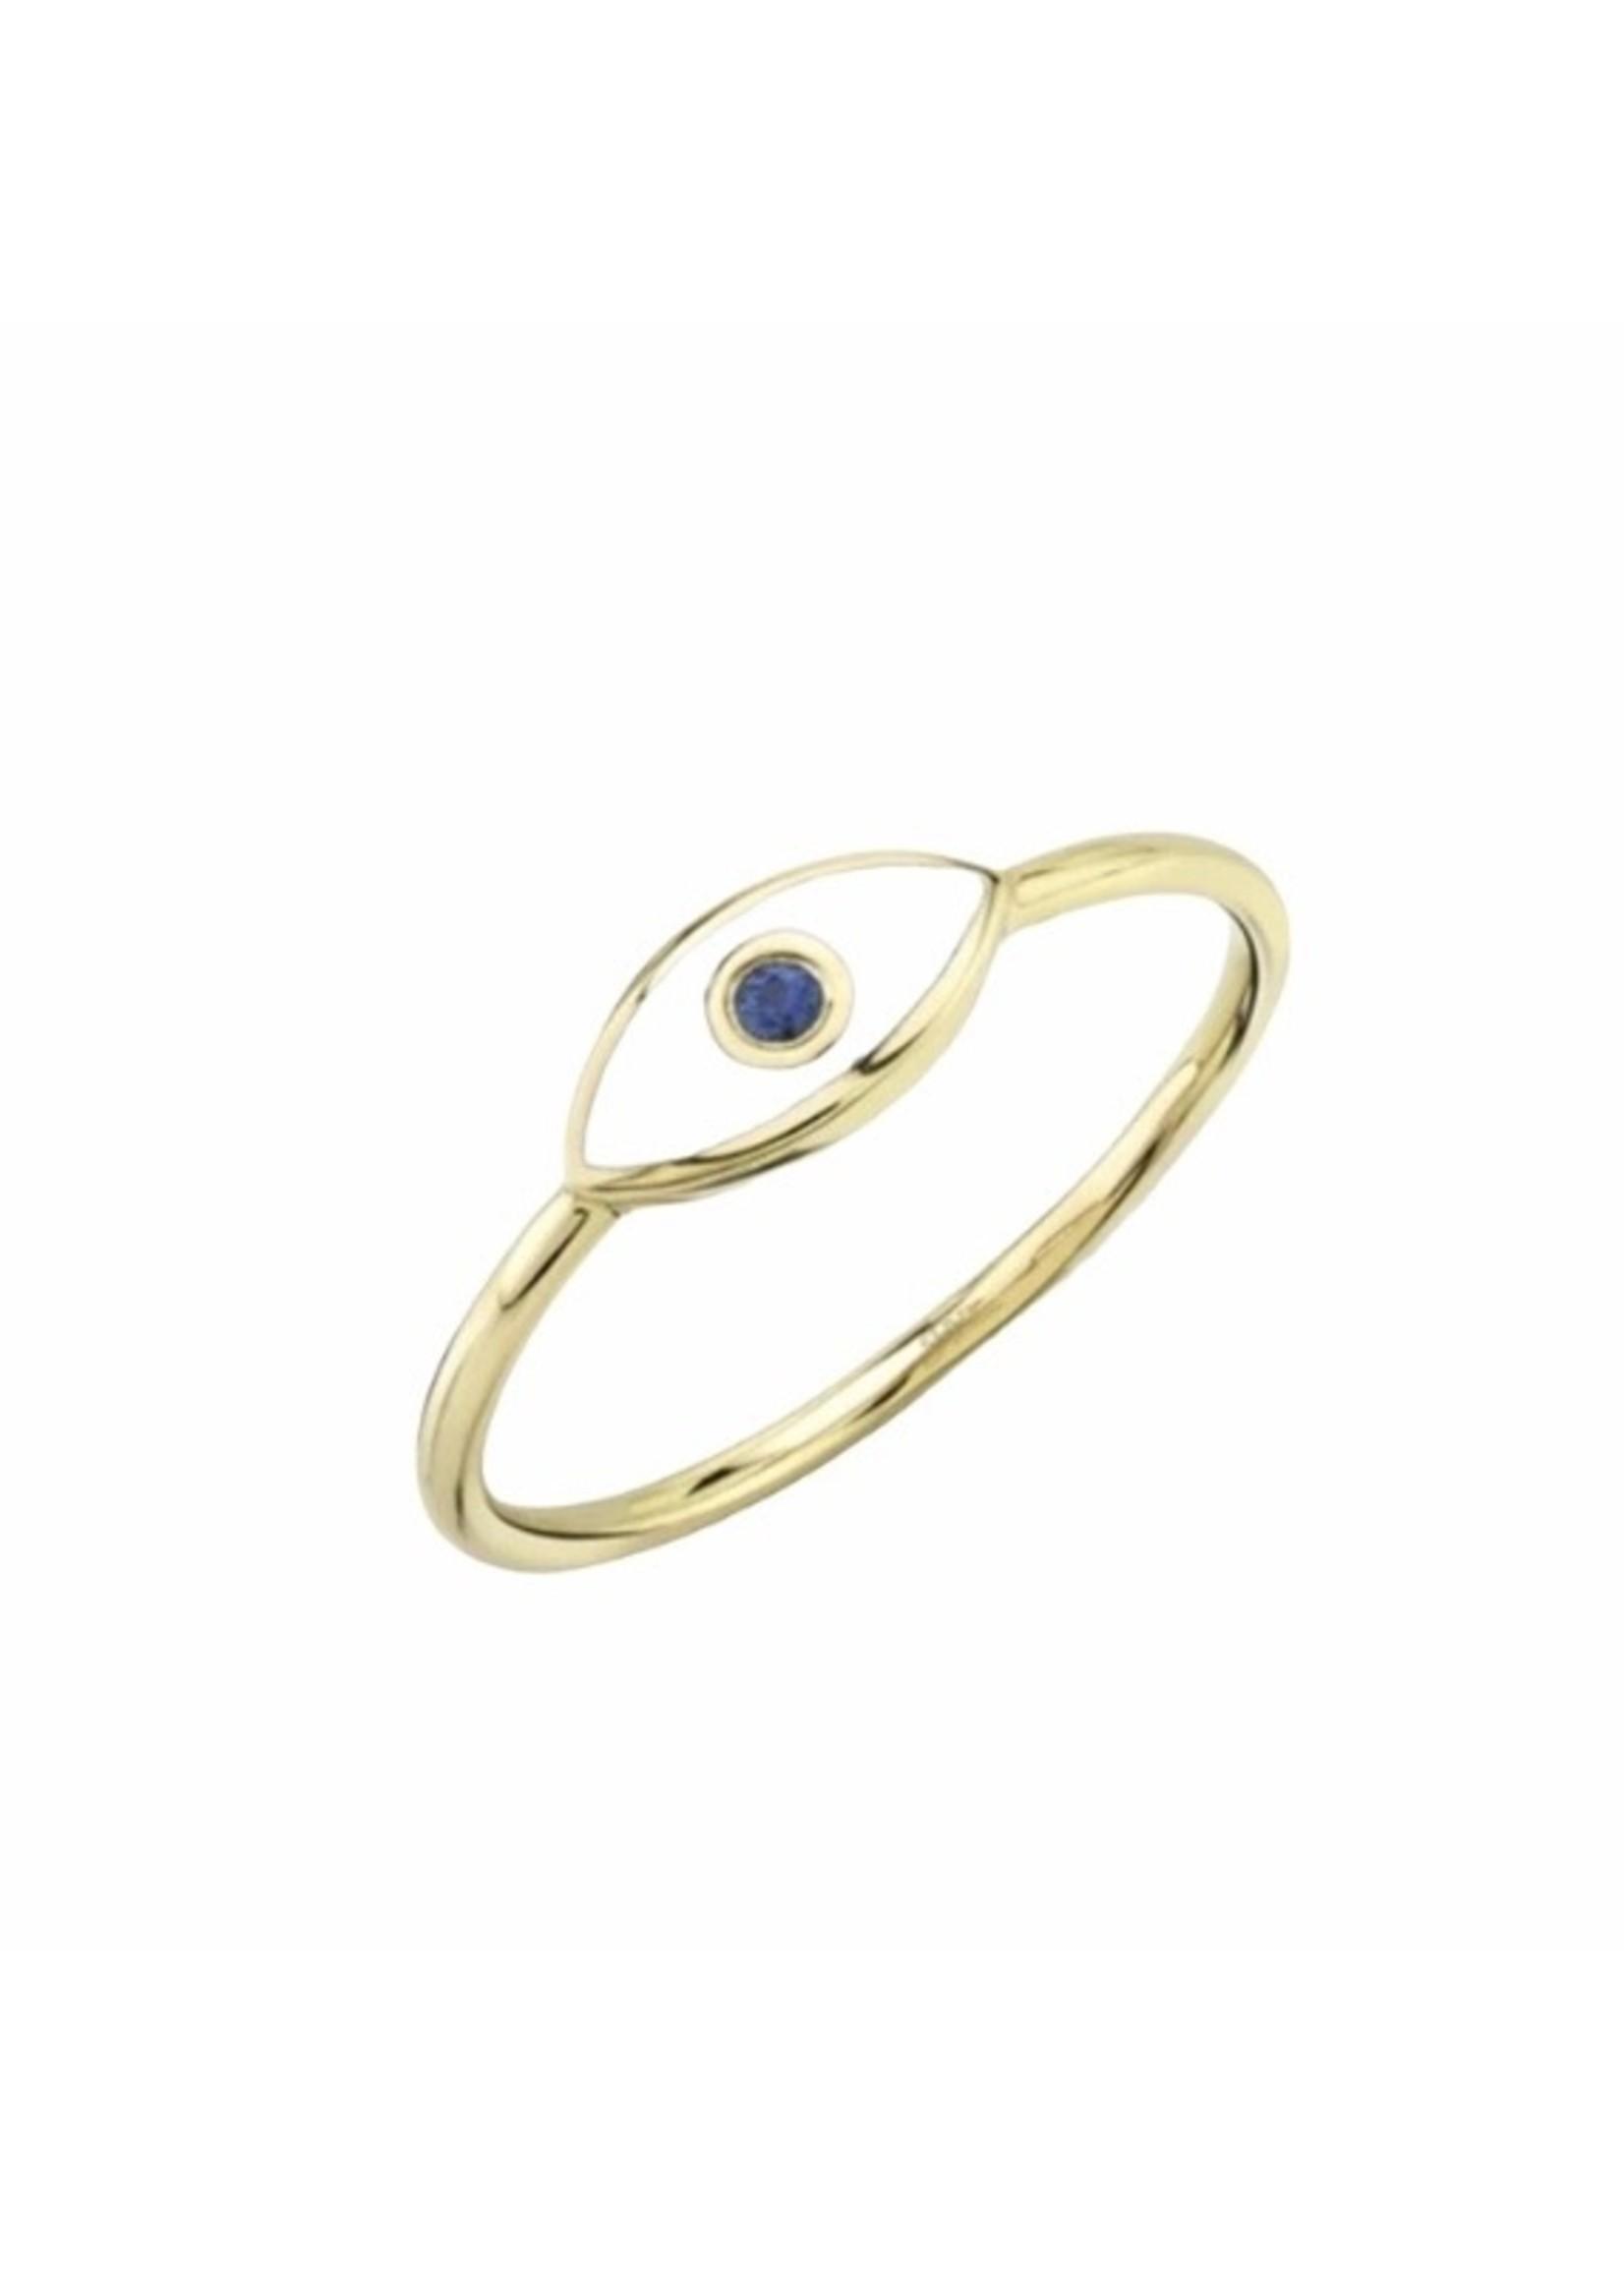 Jill Alberts Blue Sapphire & White Enamel Eye Ring